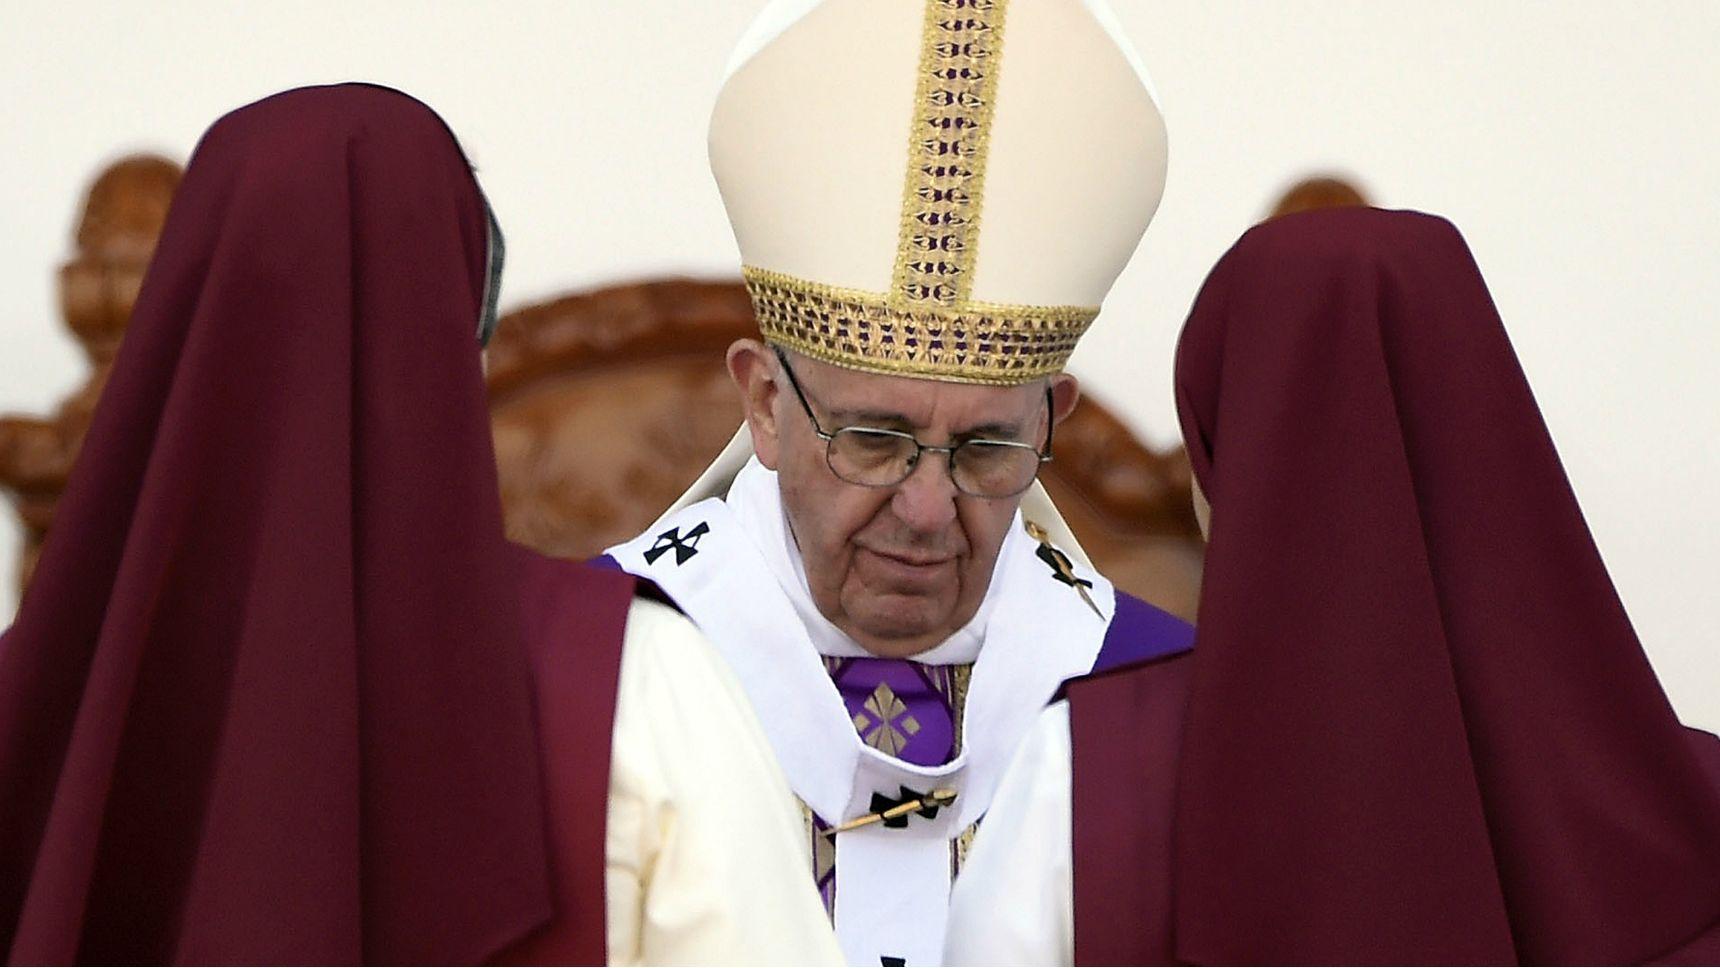 El Sumo Pontífice ofició una misa frente a 20 mil religiosos y seminaristas en el estadio Venustiano Carranza, en Morelia.